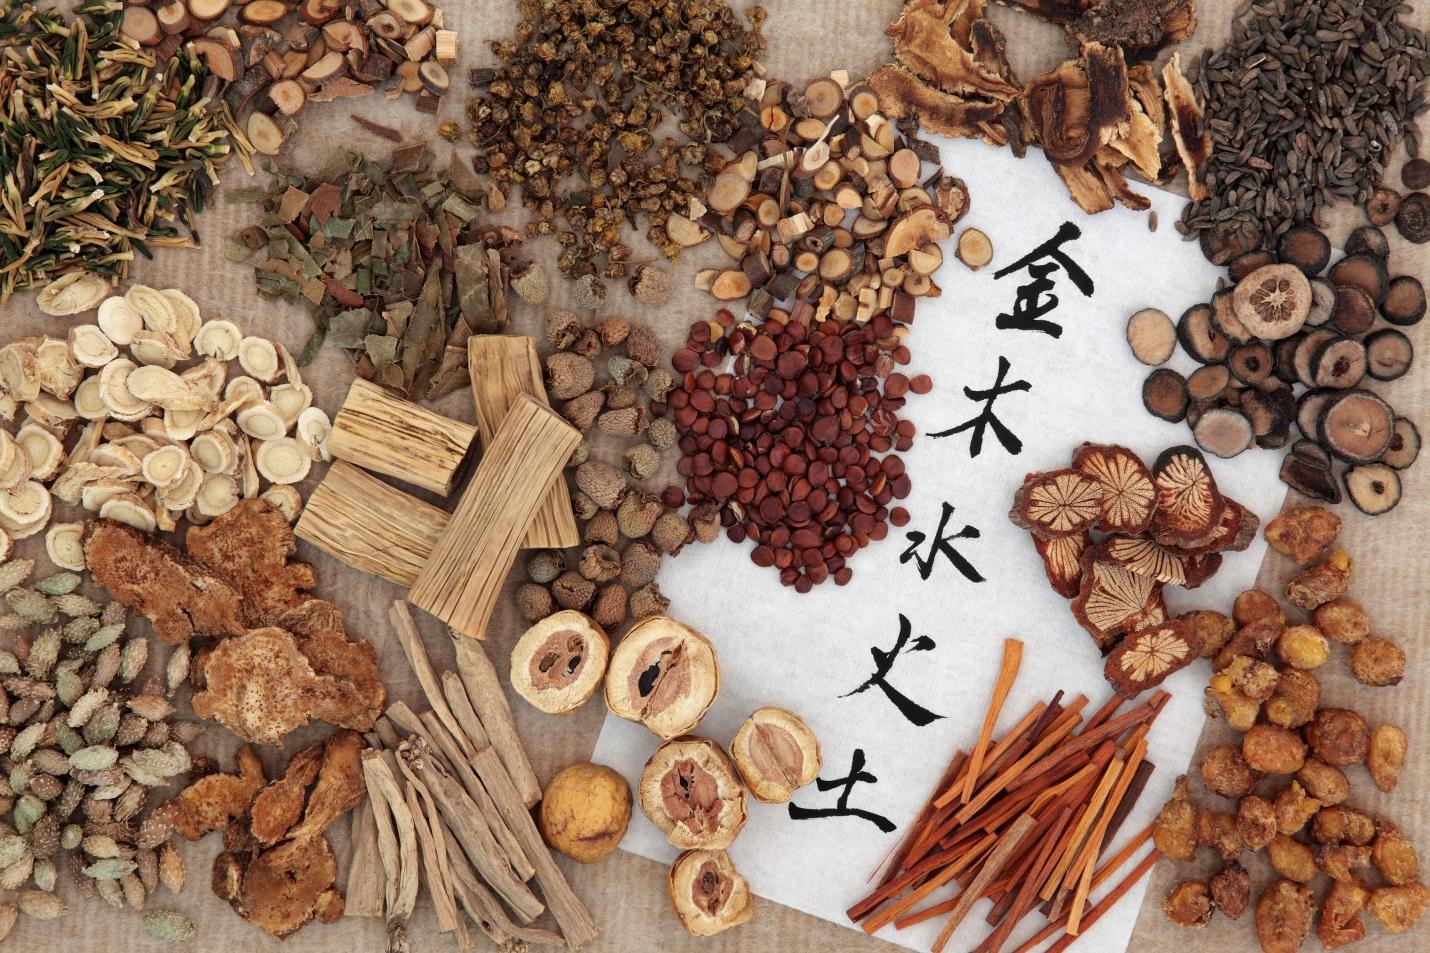 צמחי מרפא ופורמולות סיניות